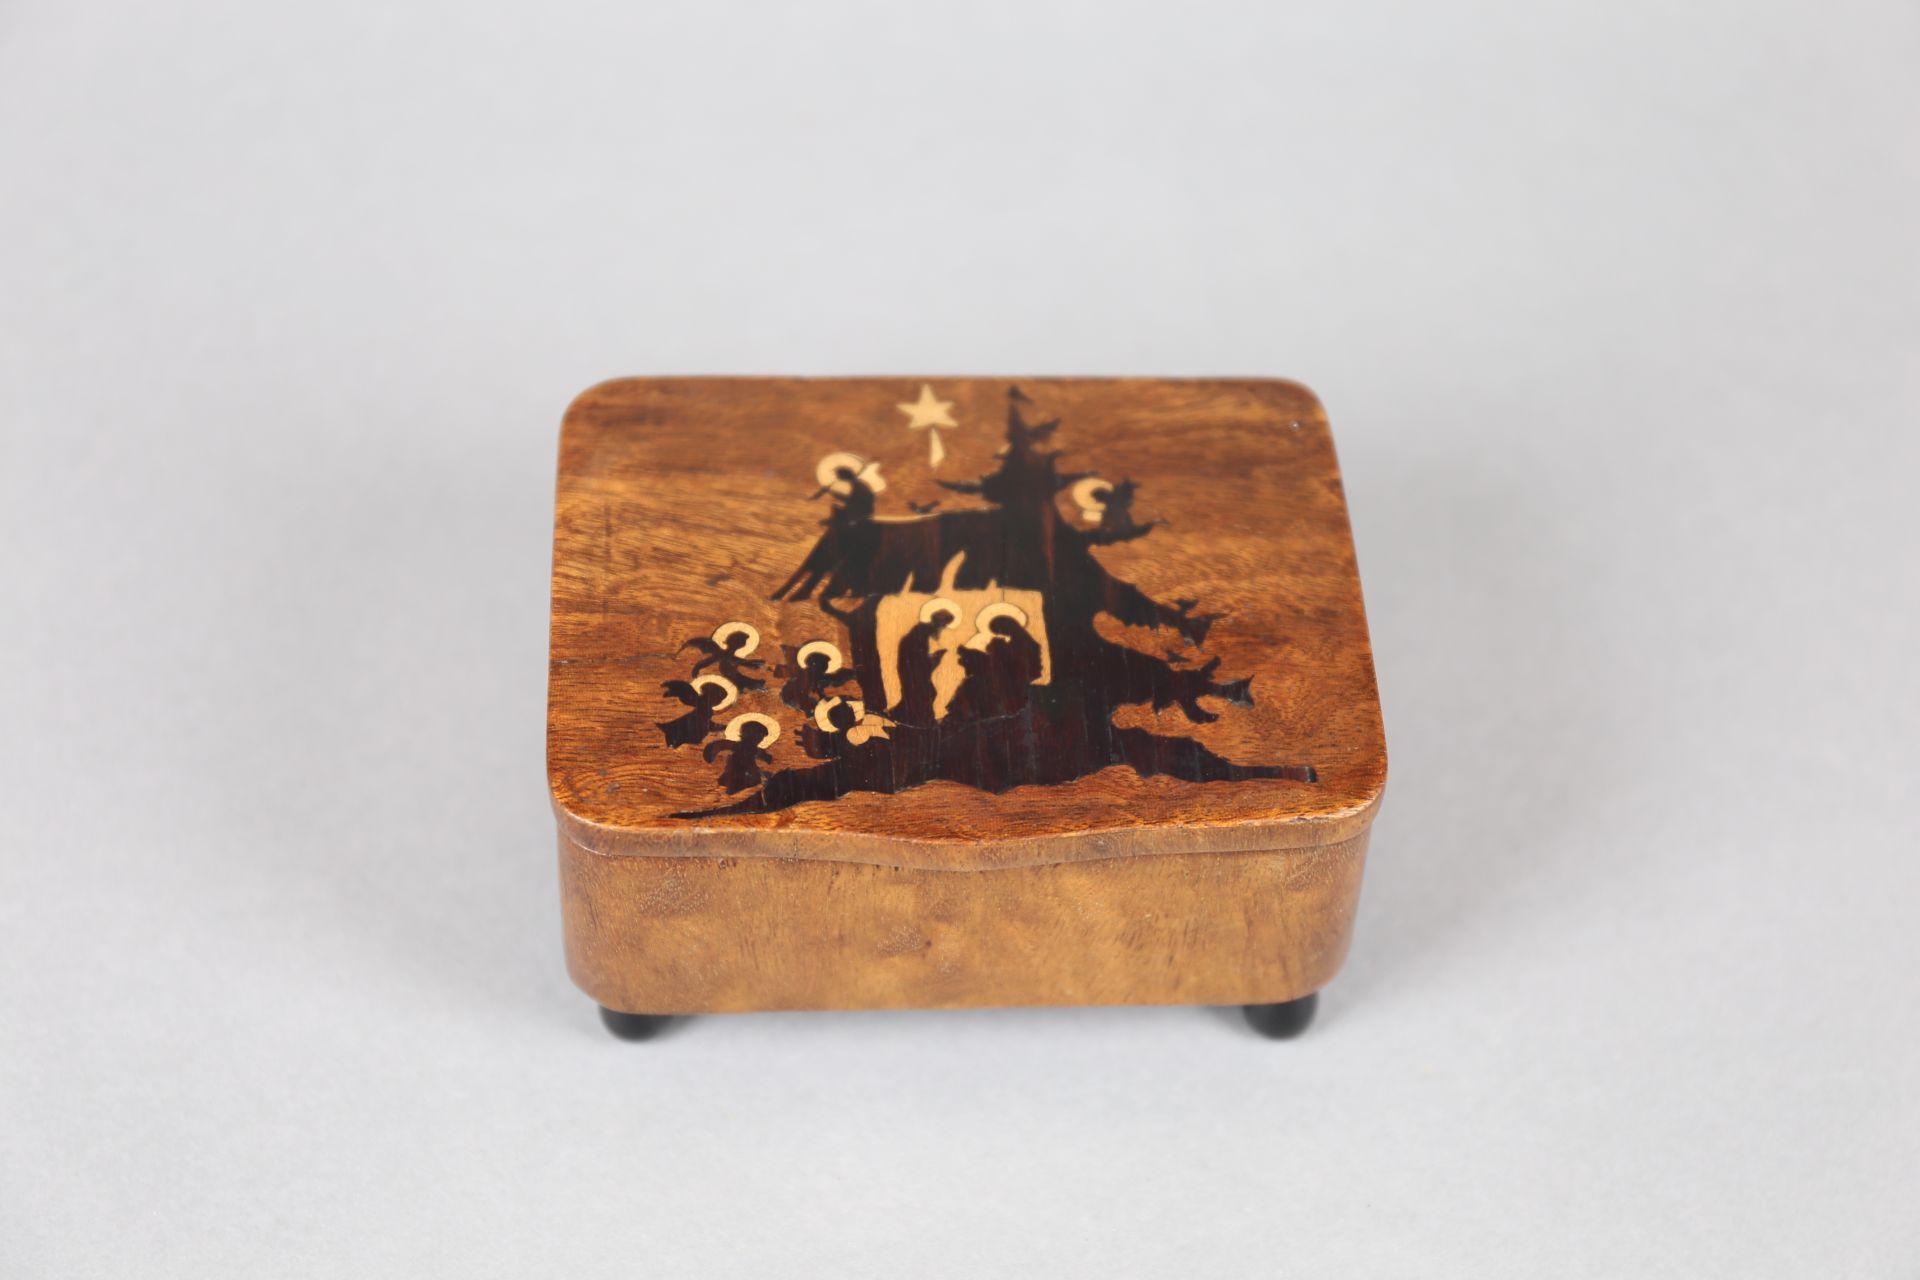 Spieldose von Joh. Dolezal